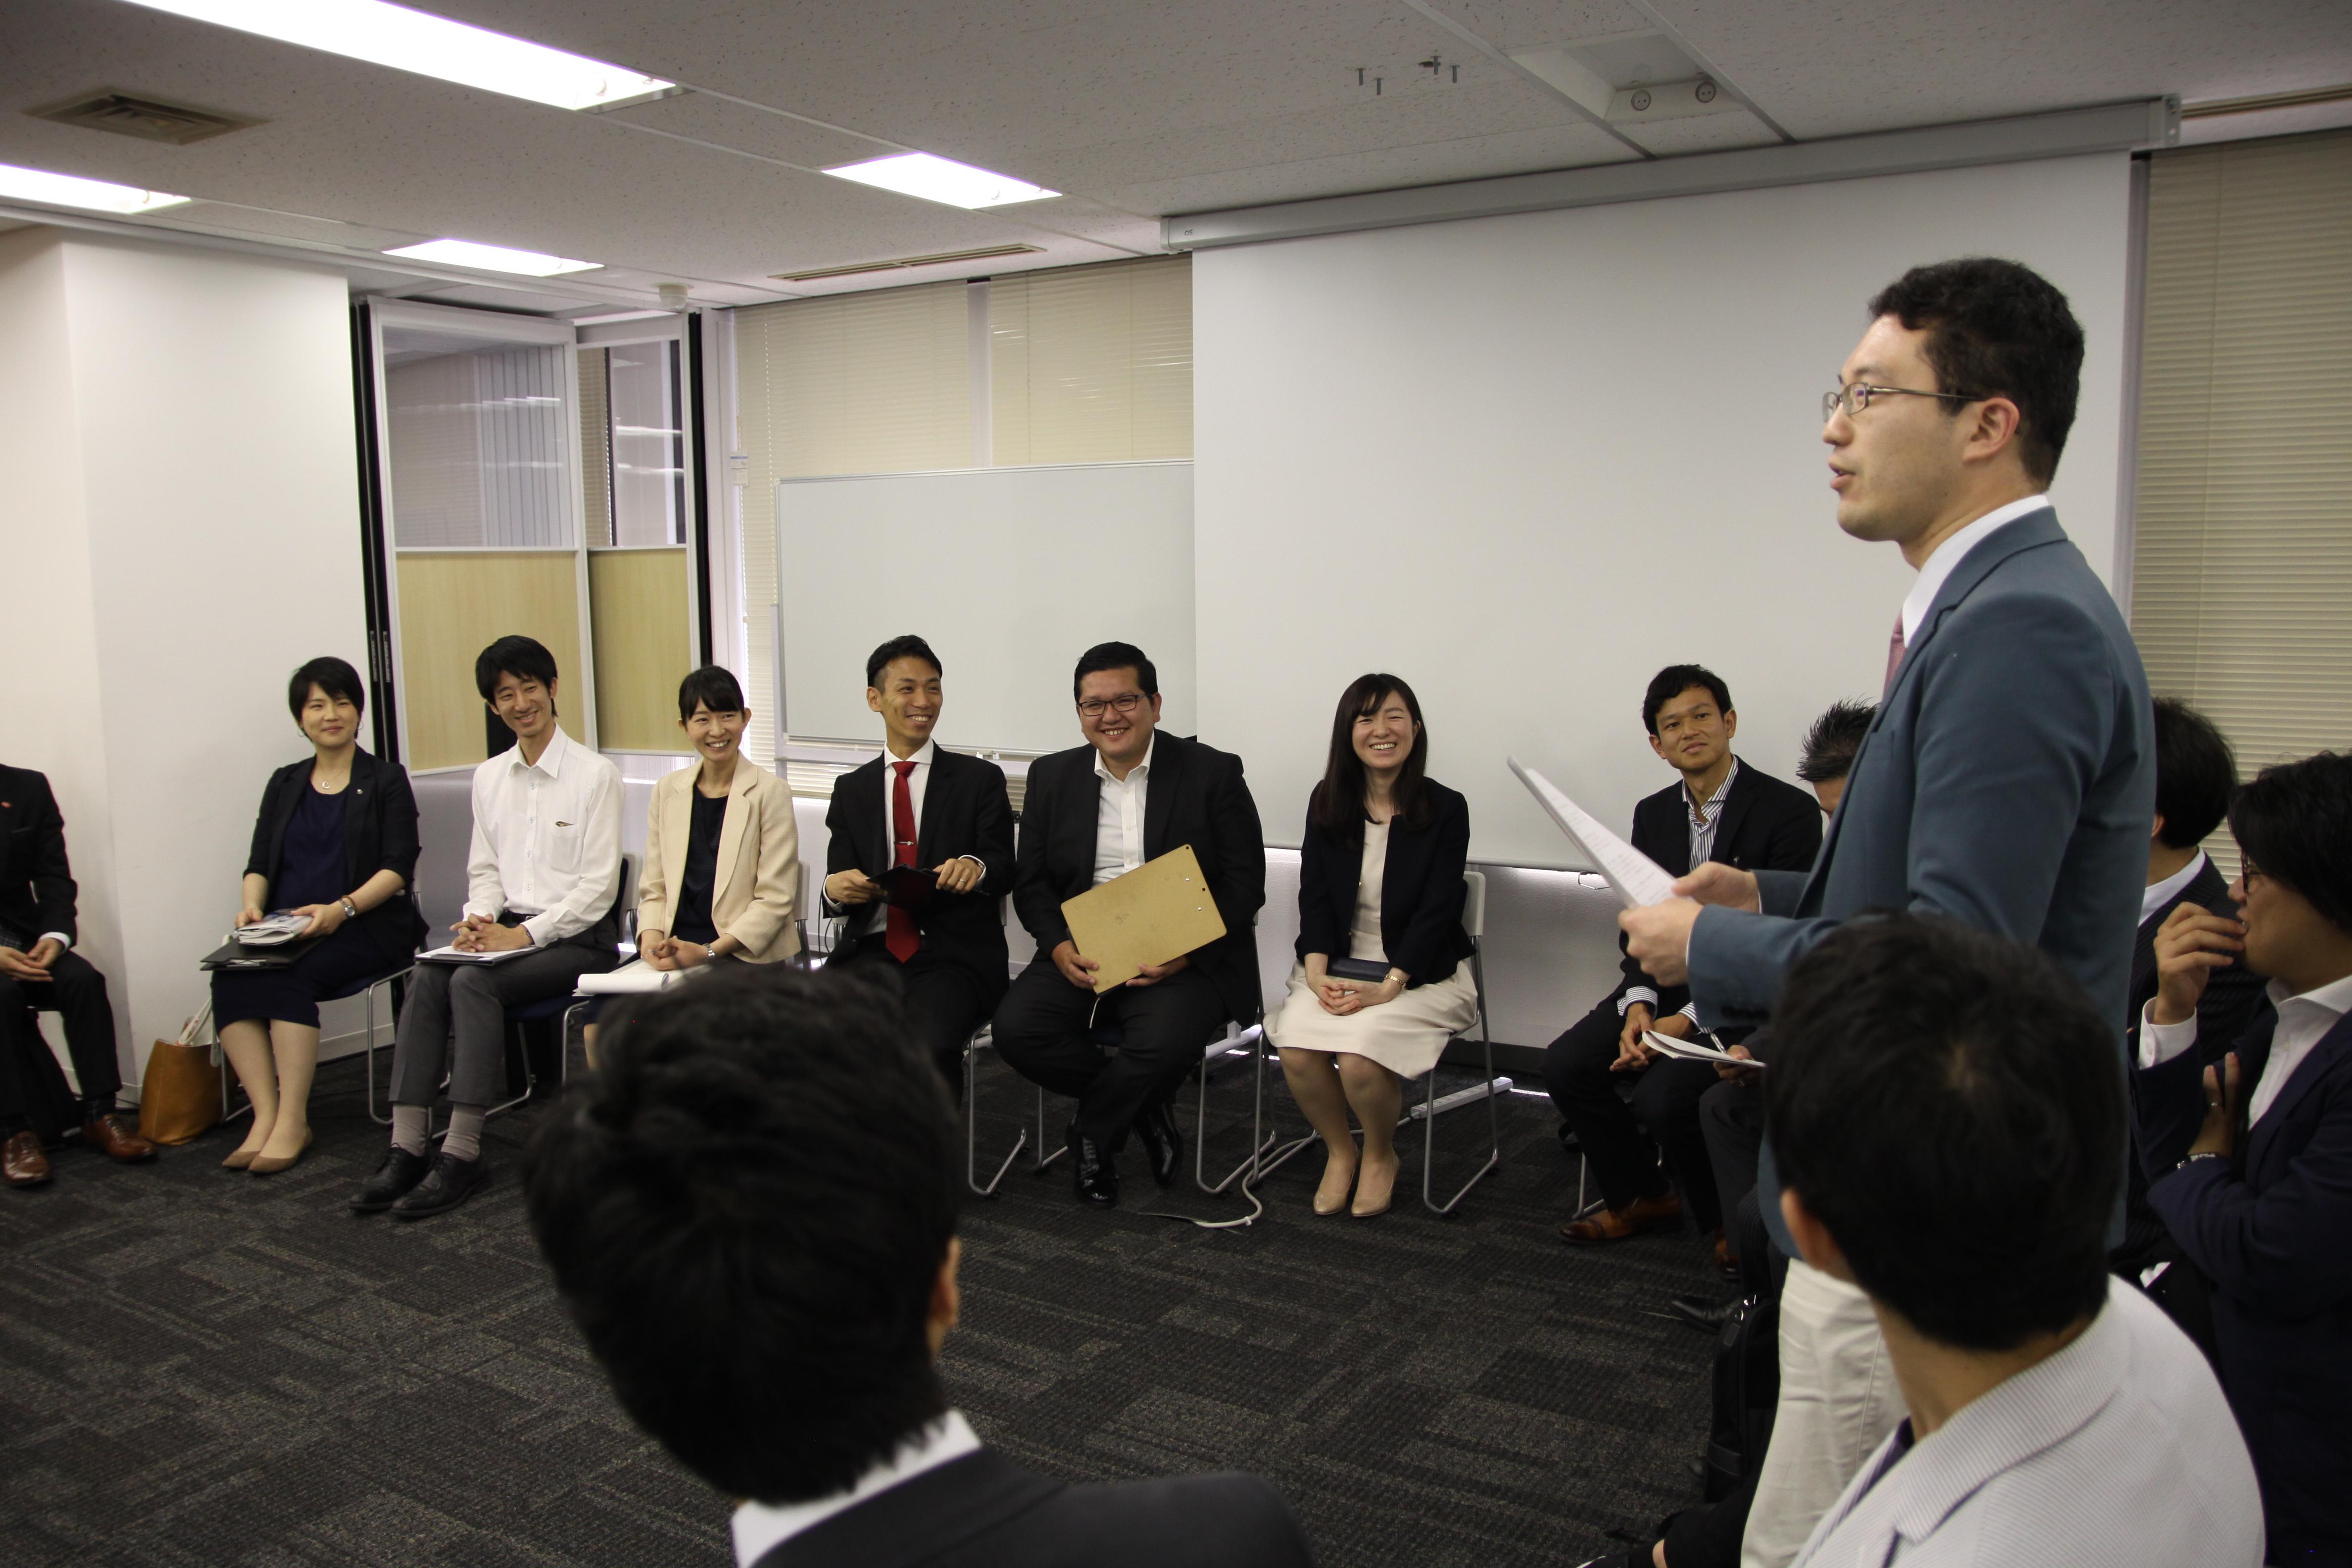 IMG 4451 1 - 関東若獅子の会、記念すべき第100回